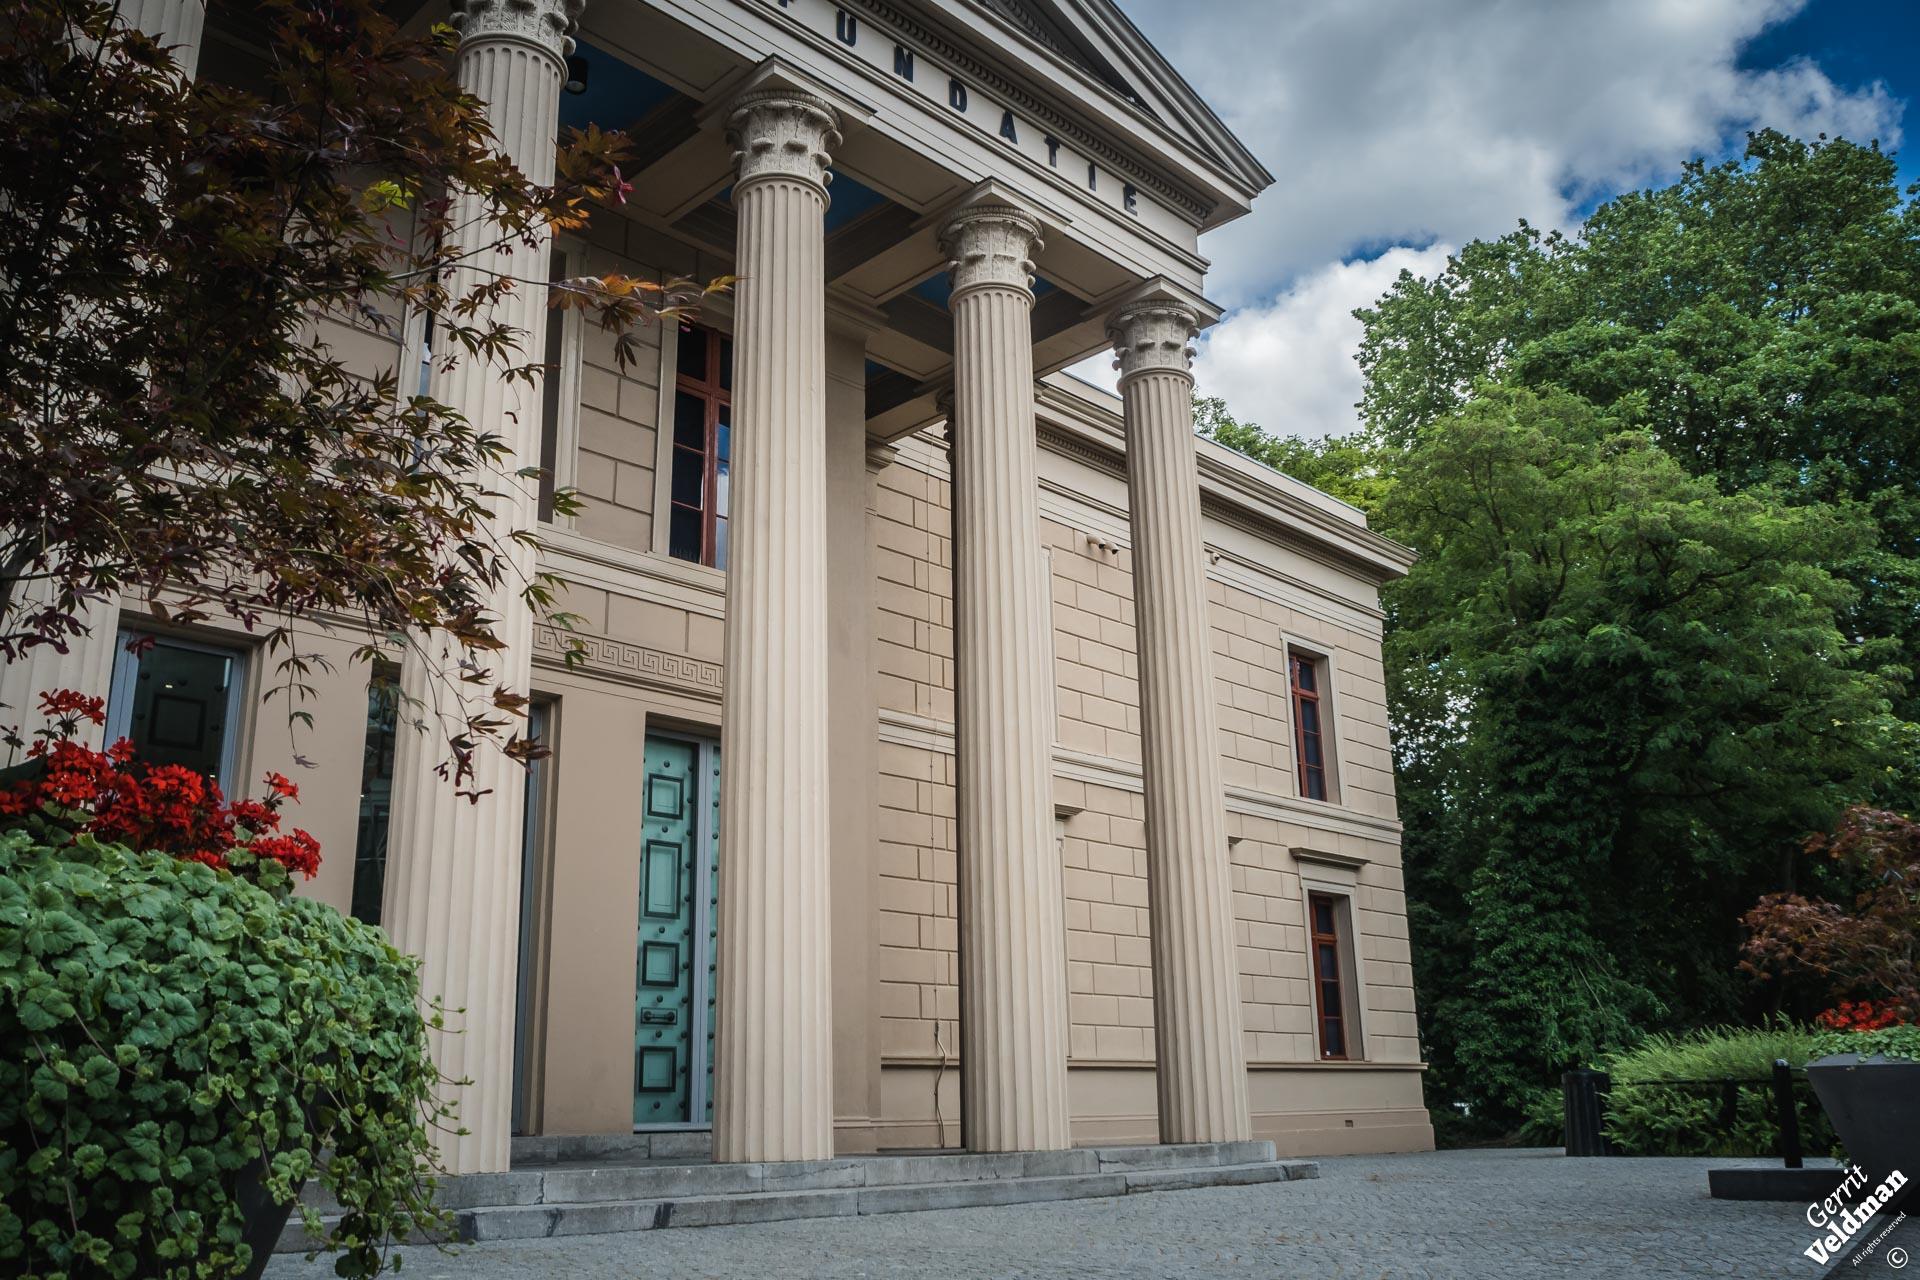 Paleis van Justitie, Zwolle